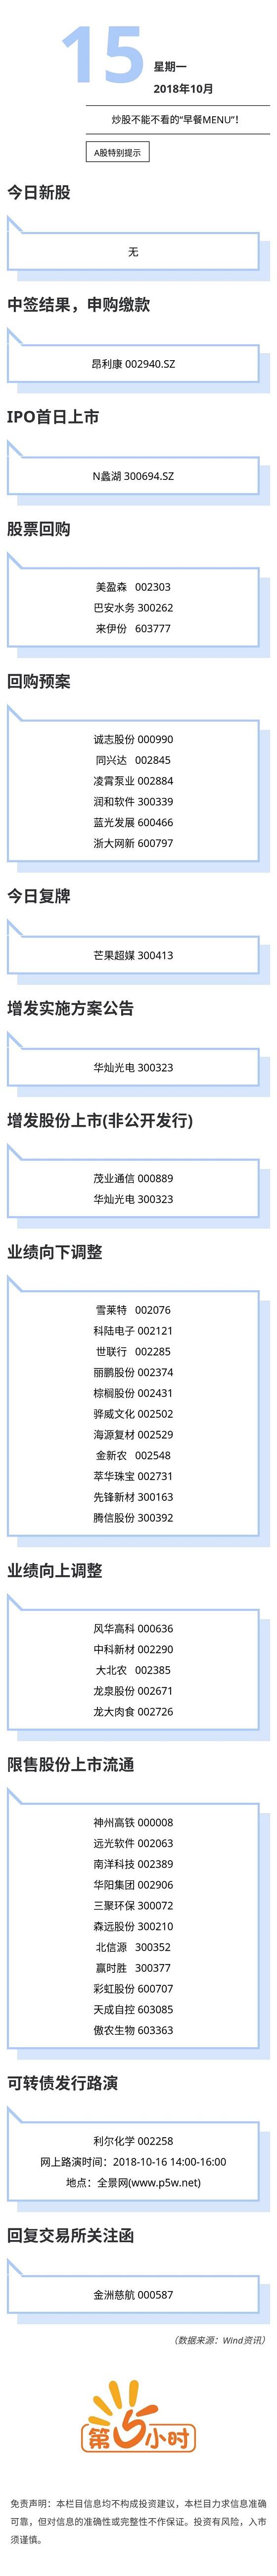 A股特别提示(2018-10-15).jpg